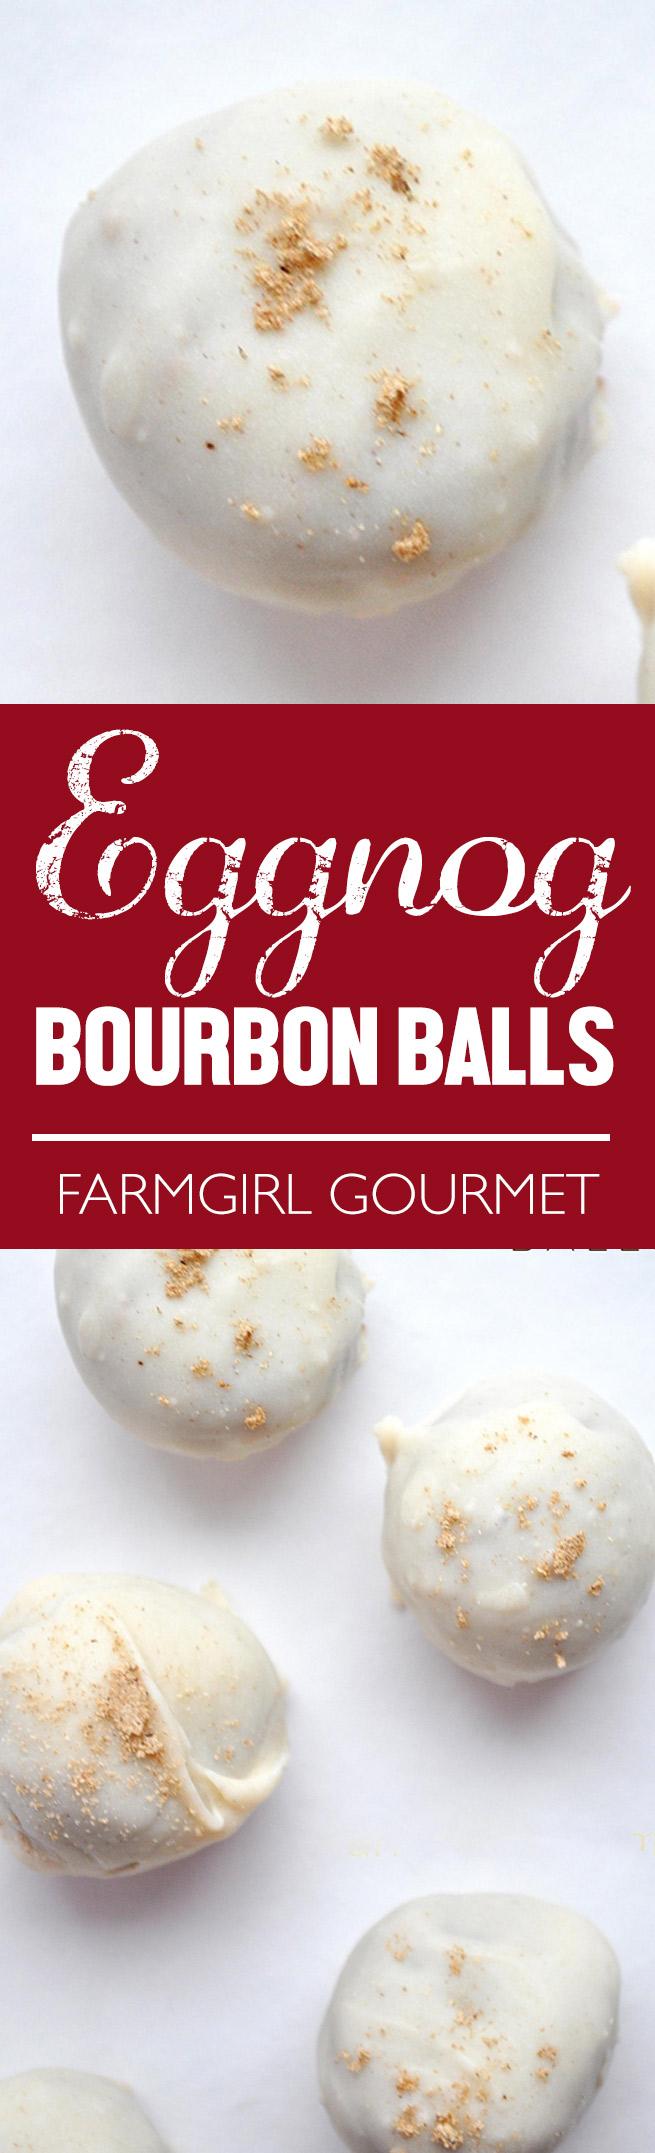 Eggnog Bourbon Balls recipe | farmgirlgourmet.com